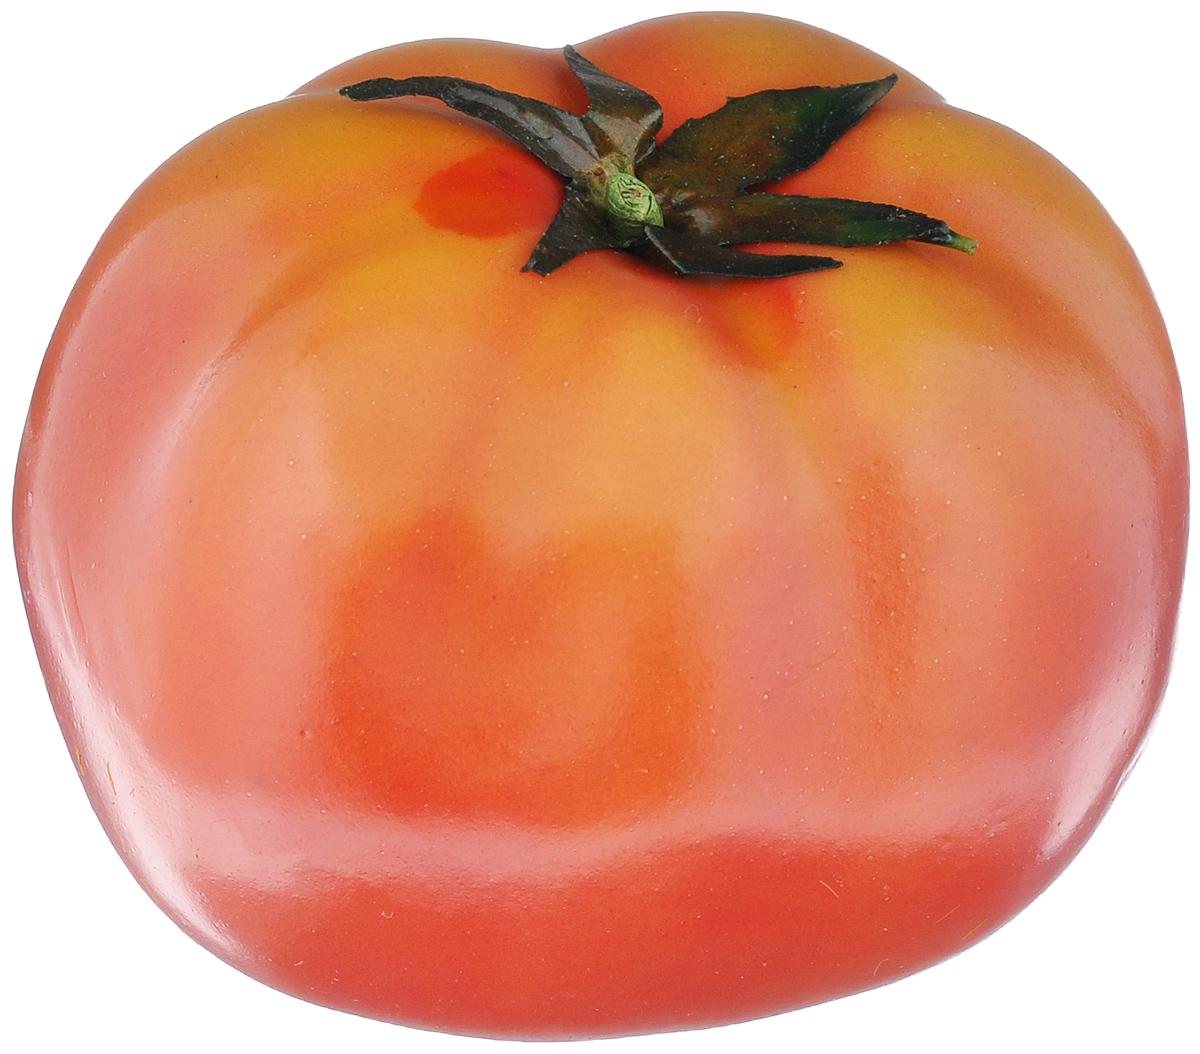 Муляж Томат, цвет: красный, 9 смT9Муляж Томат изготовлен из полиуретана, окрашен в естественные цвета. Предназначен для украшения интерьера дома. Диаметр муляжа: 9 см.